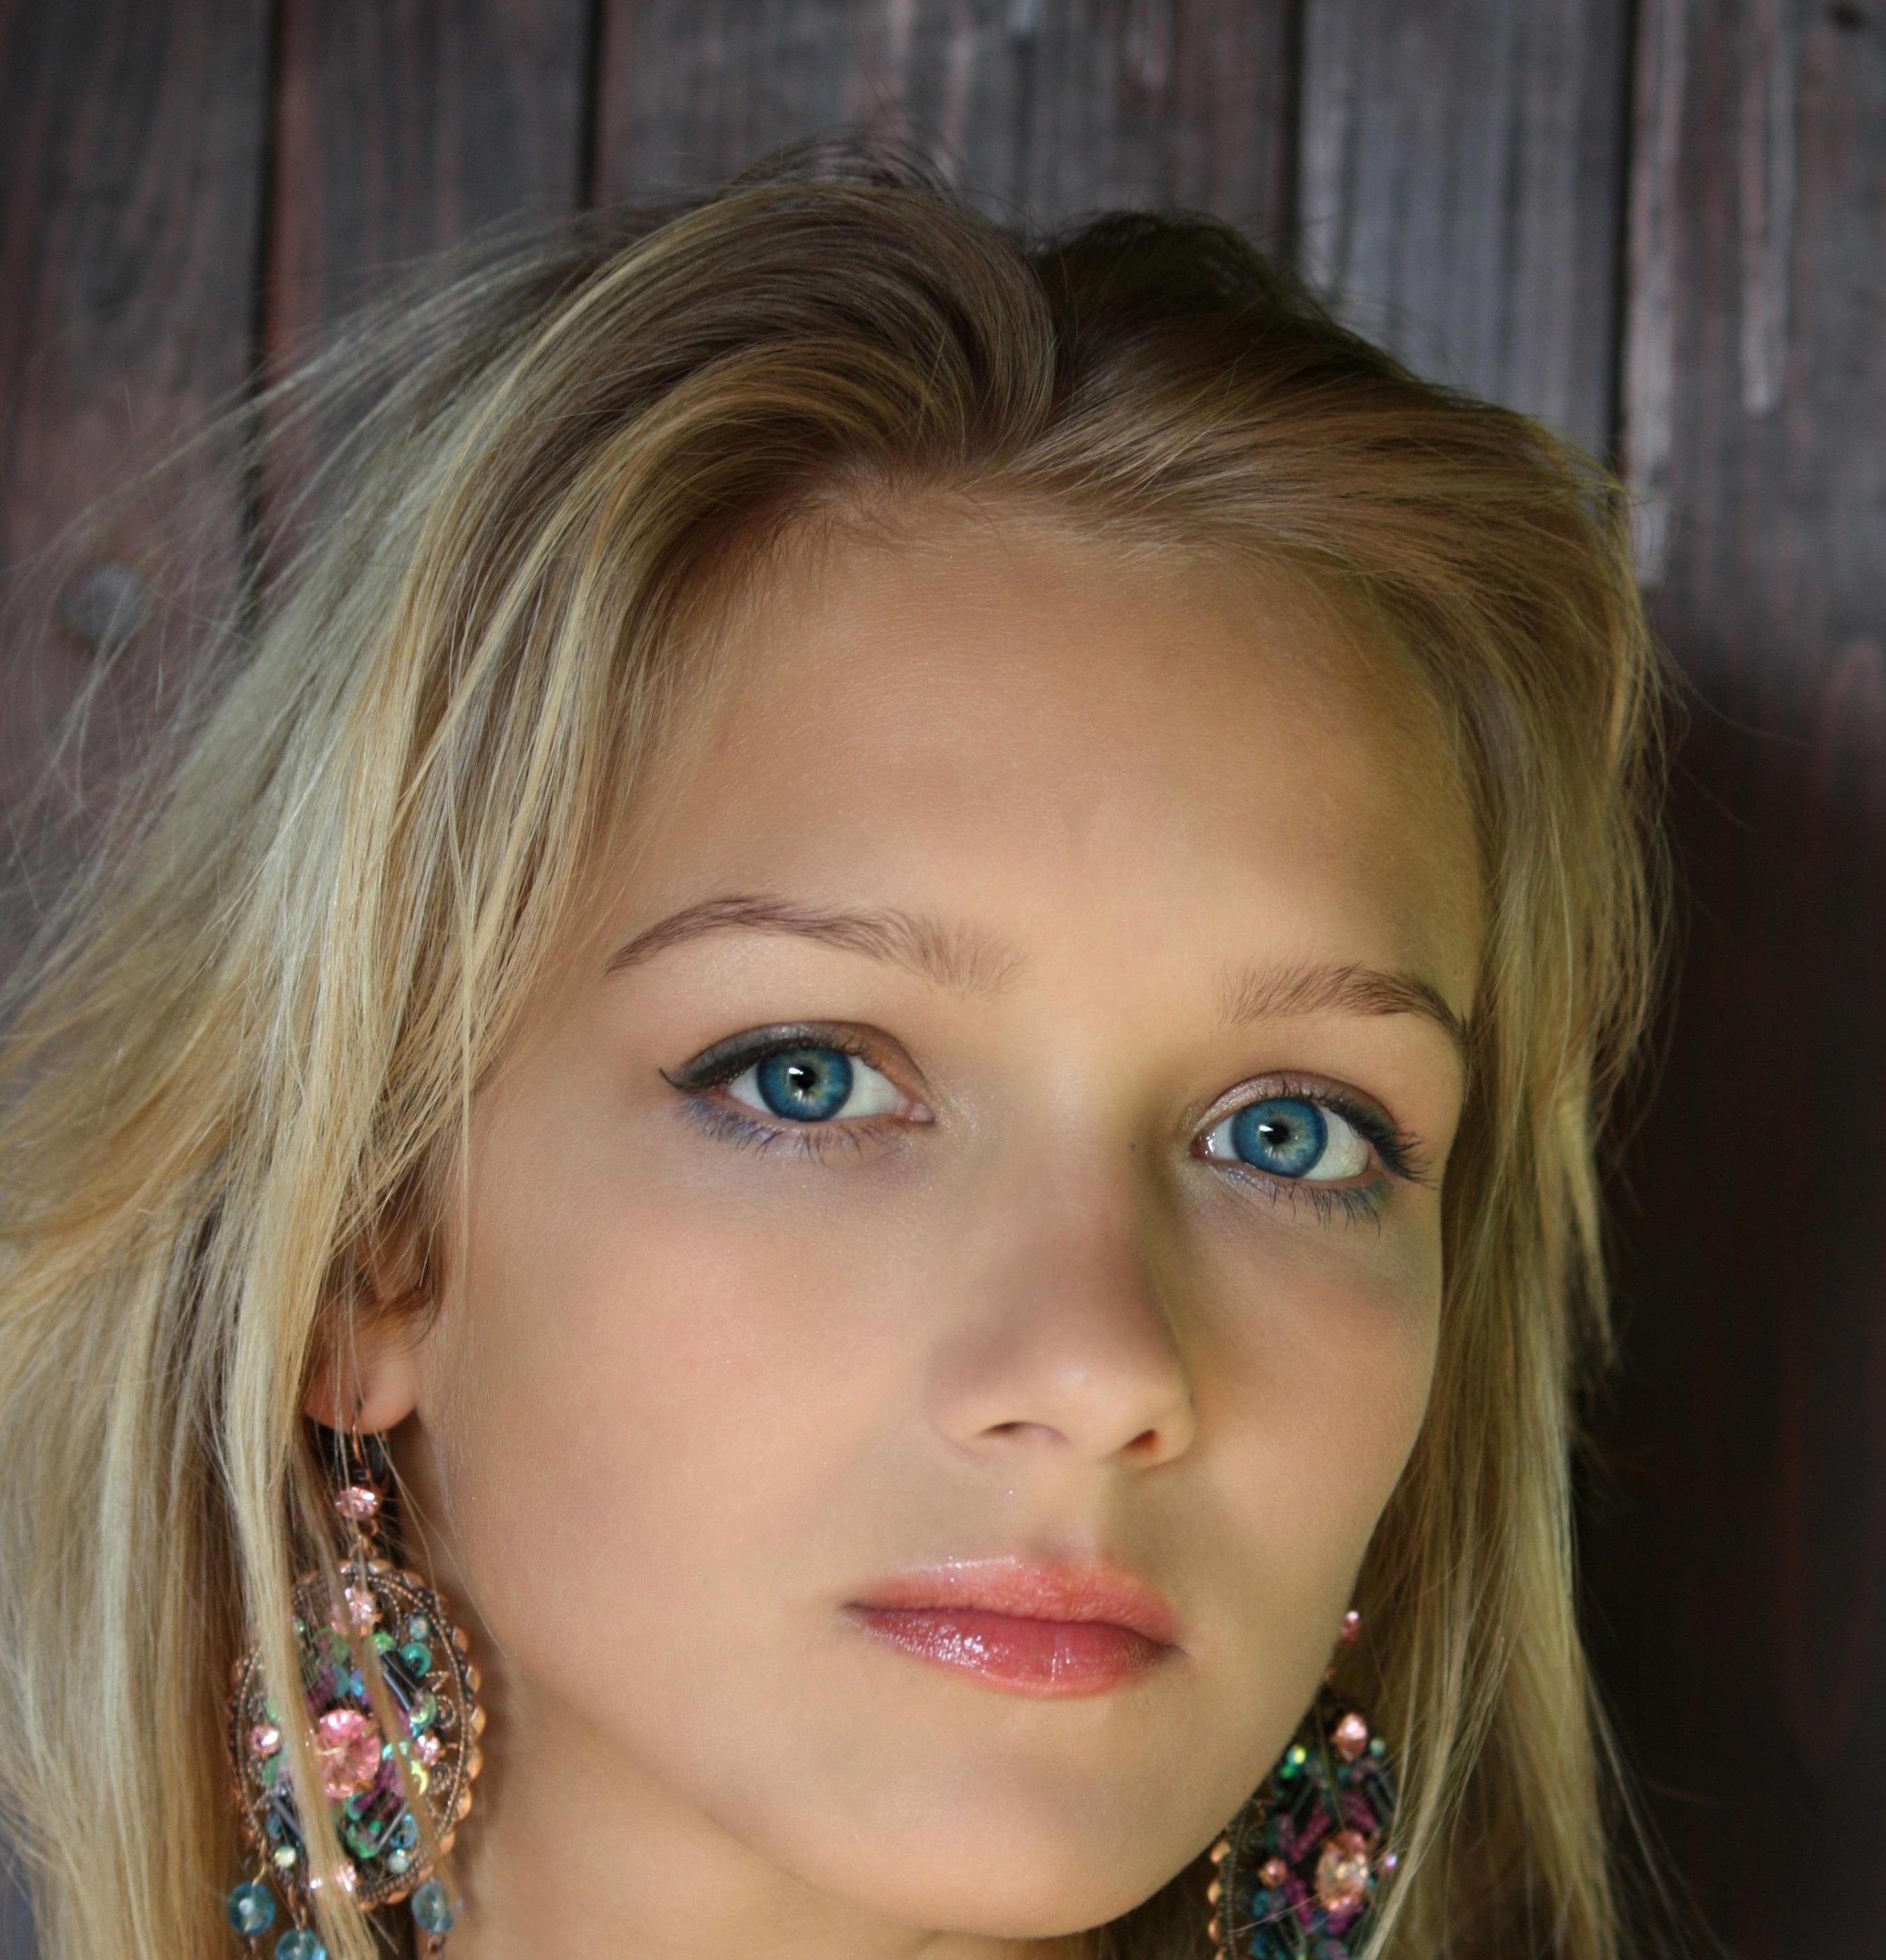 free picture: pretty girl, fashion, eye, woman, portrait, cute, girl